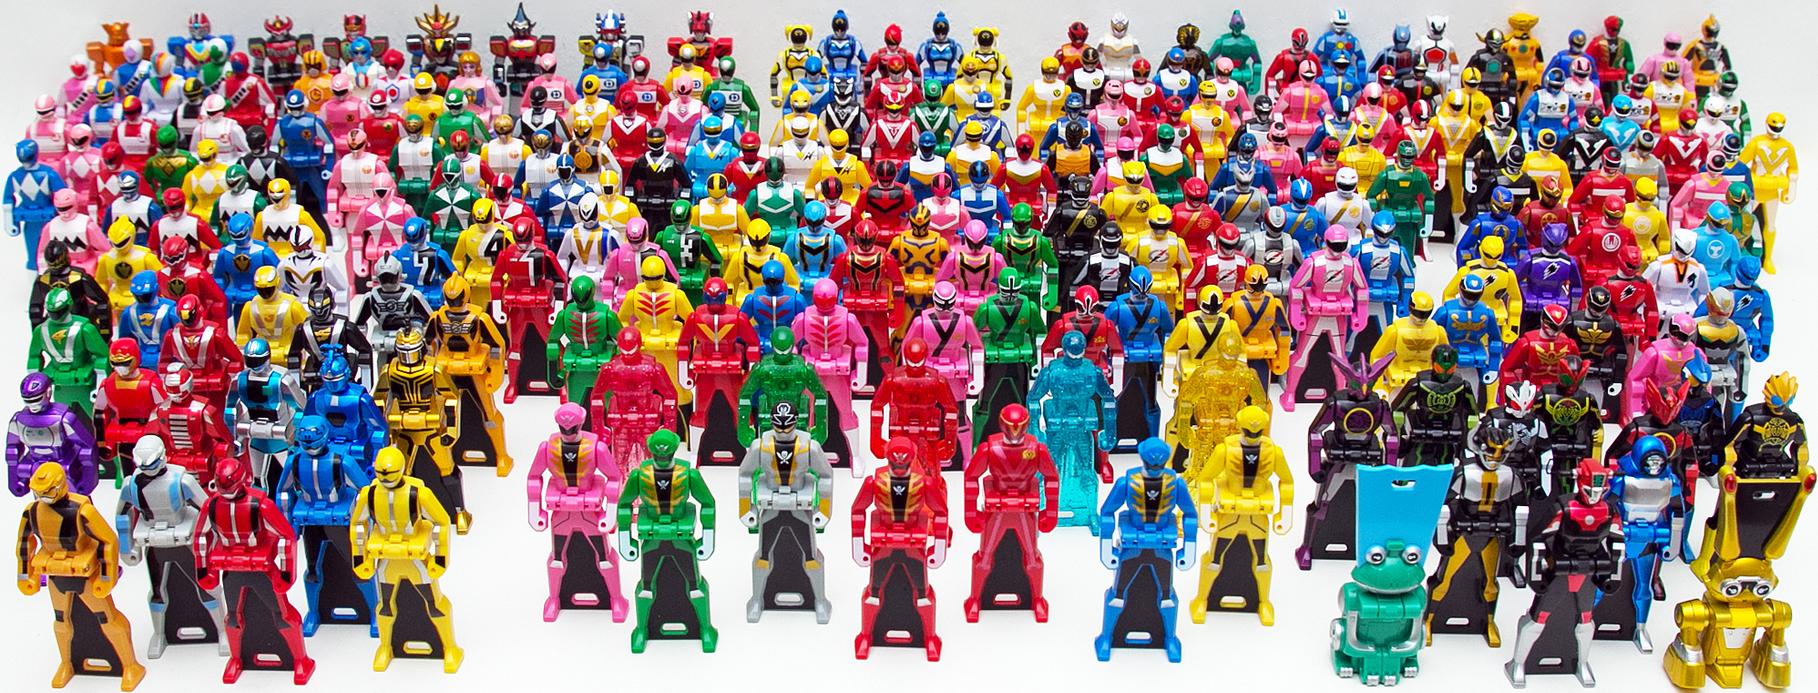 Ranger Keys Toyline Rangerwiki Fandom Powered By Wikia